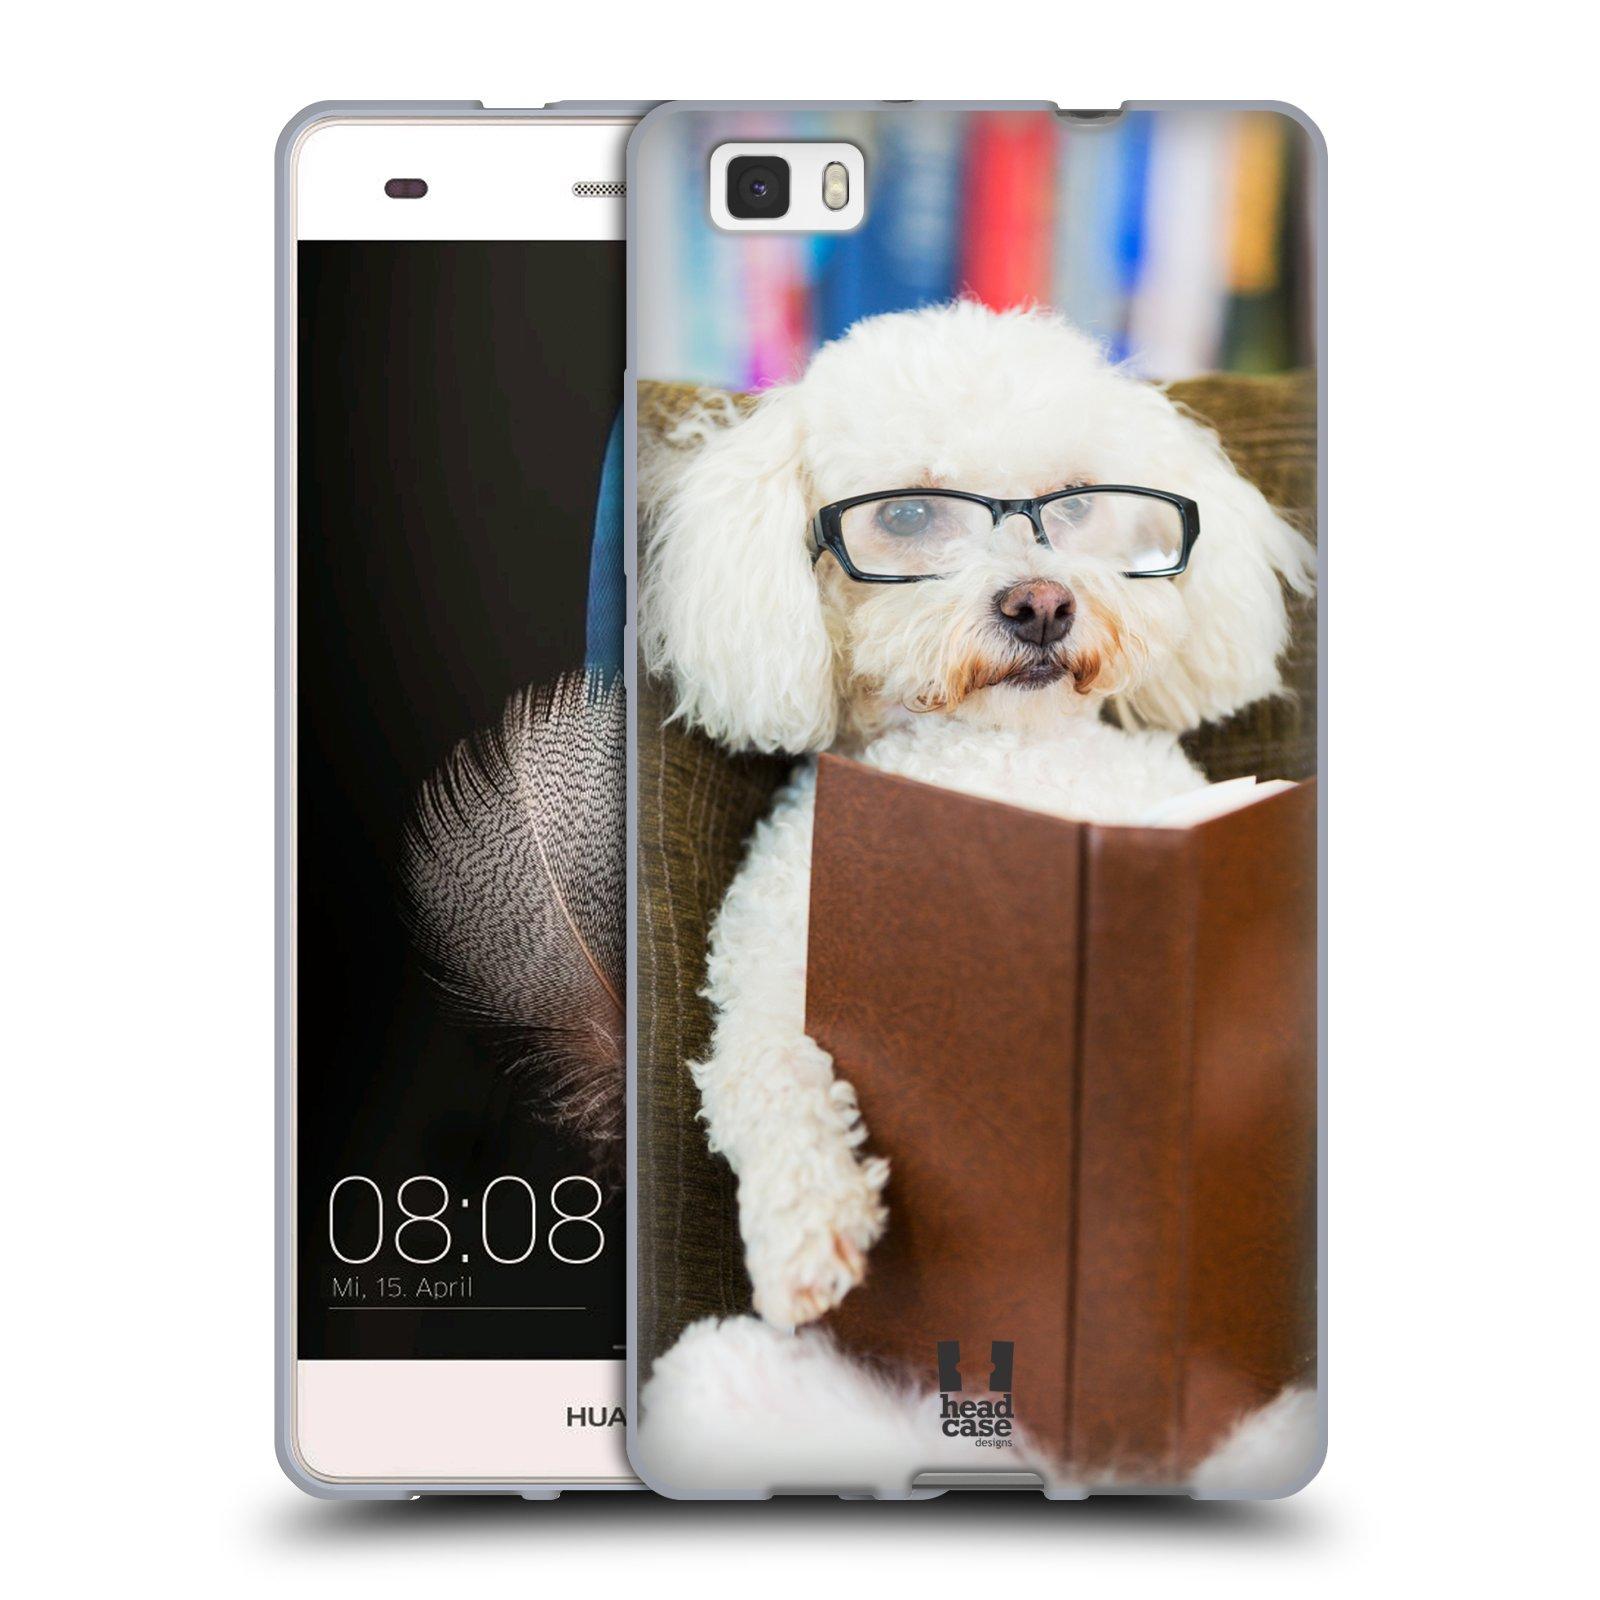 HEAD CASE silikonový obal na mobil Huawei  P8 LITE Legrační zvířátka pejsek čtenář